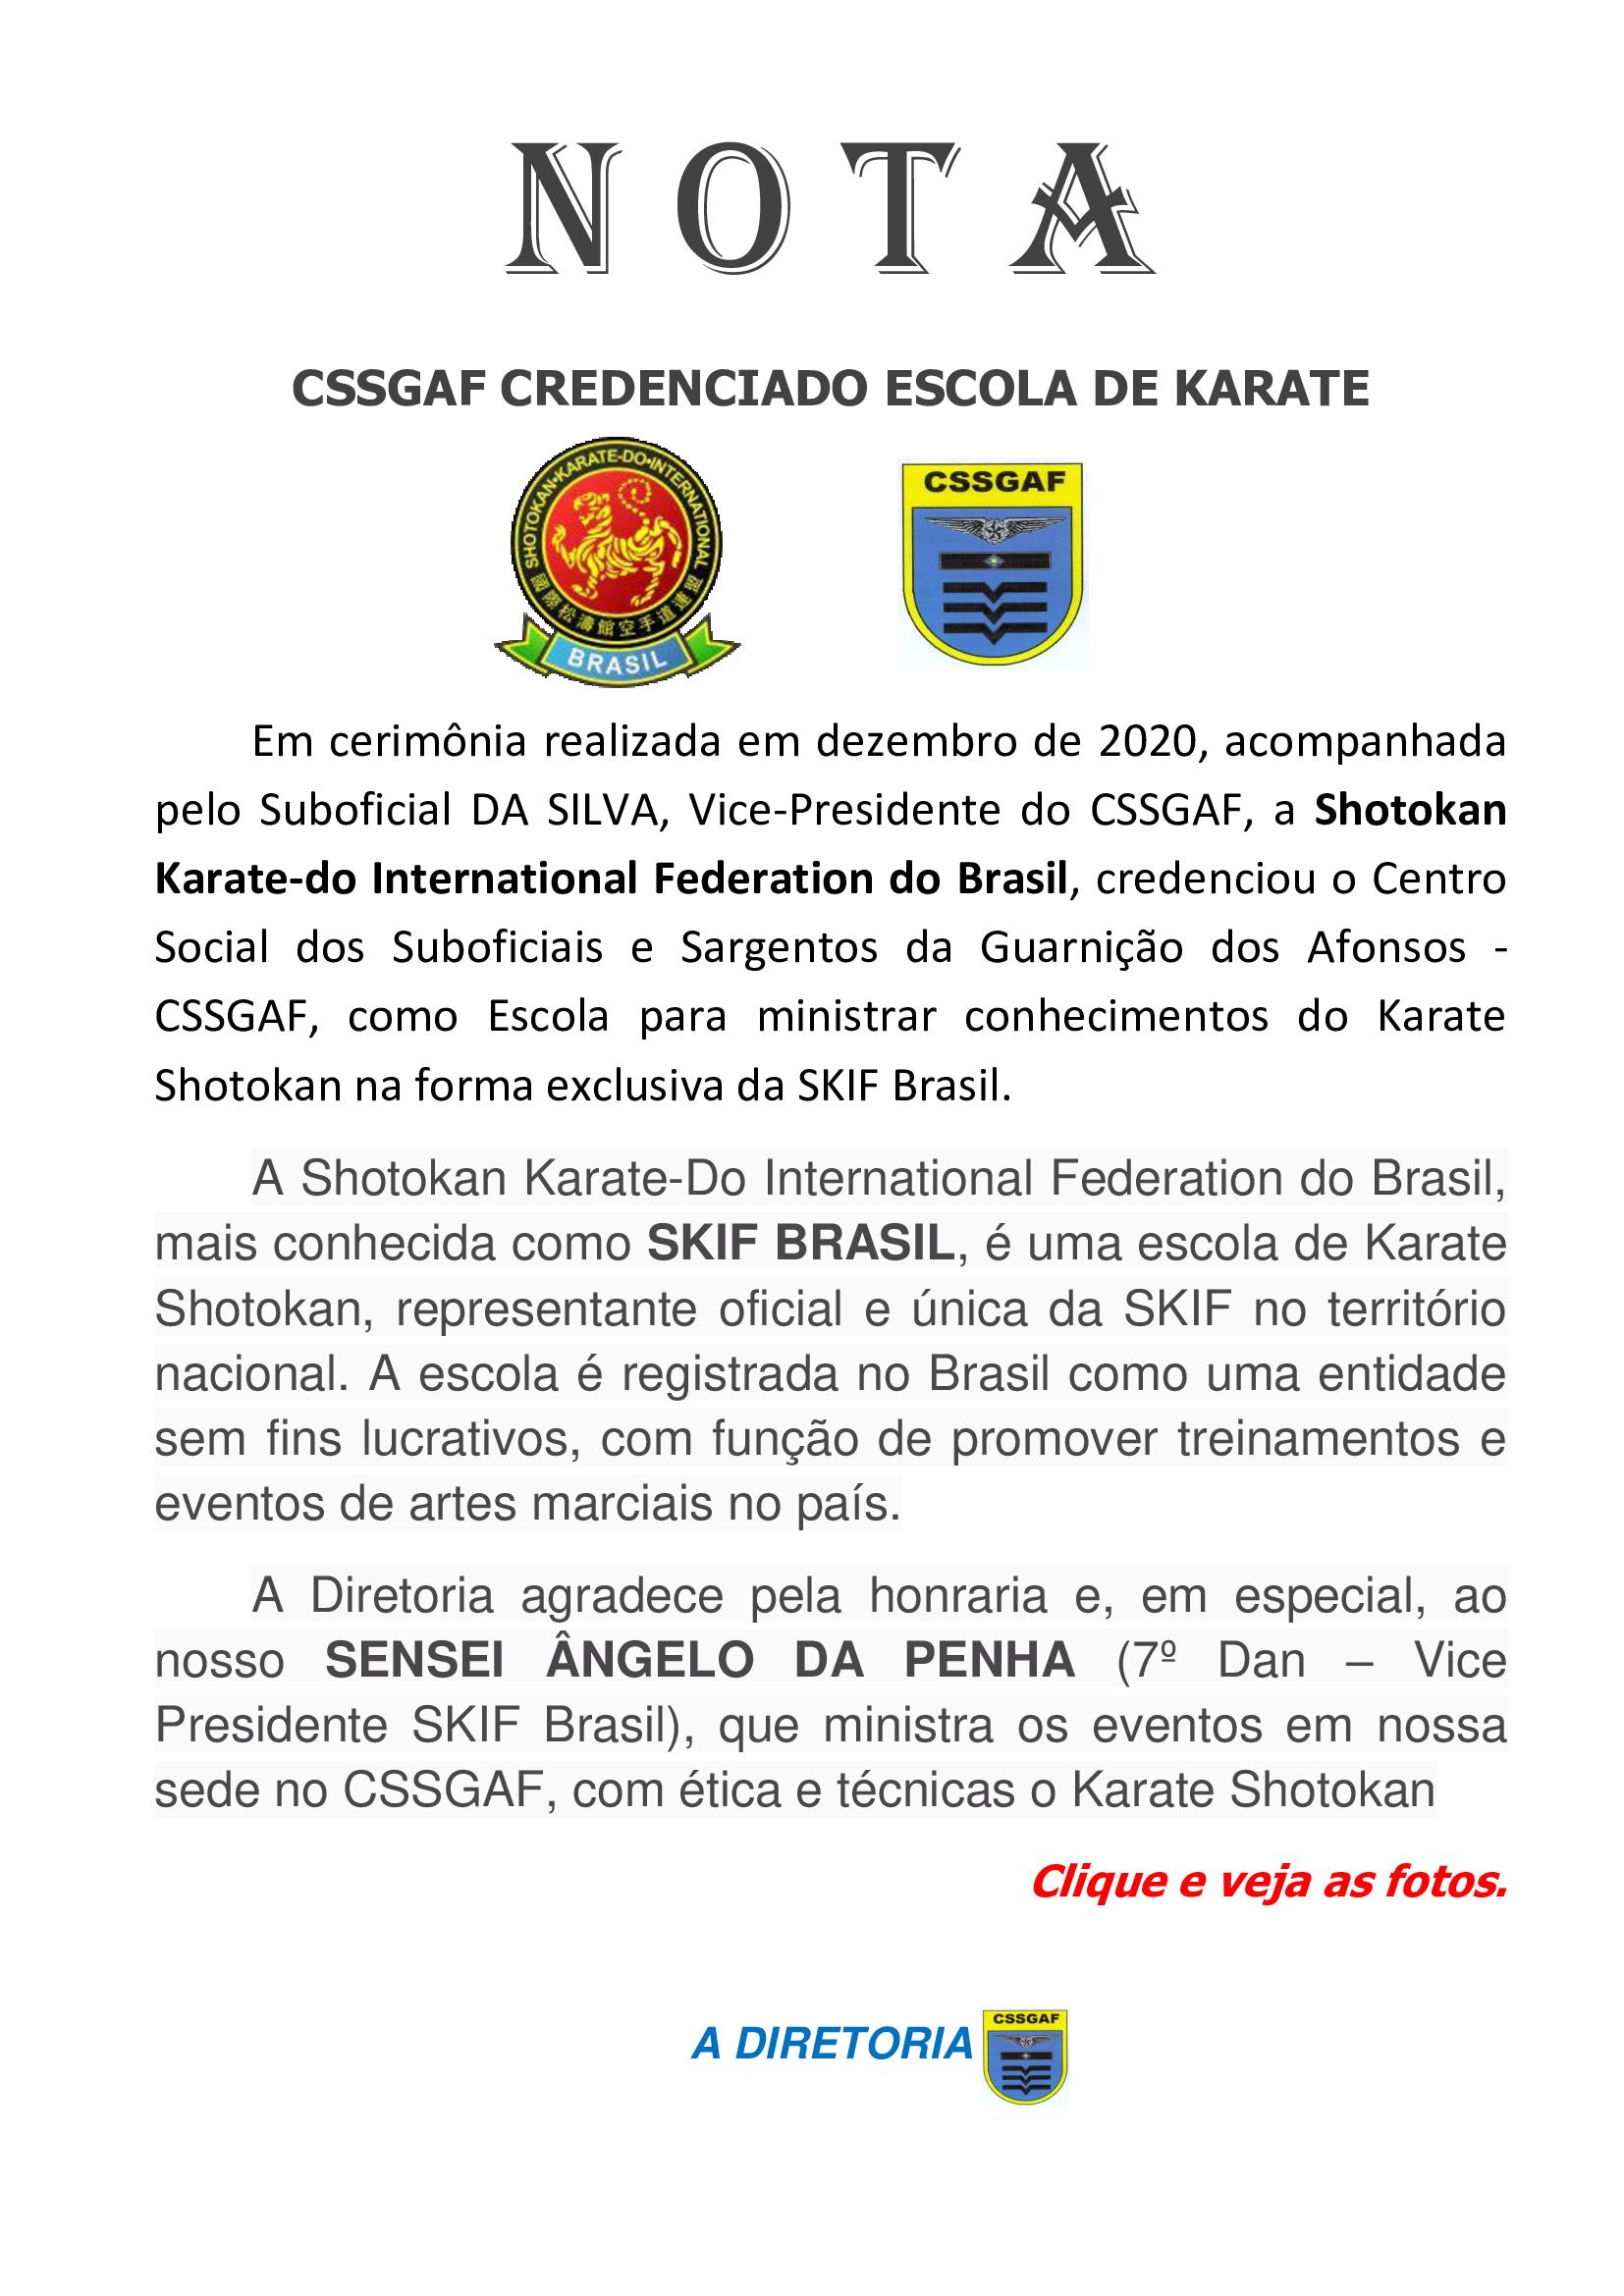 CSSGAF-ESCOLA-DE-KARATE.jpg